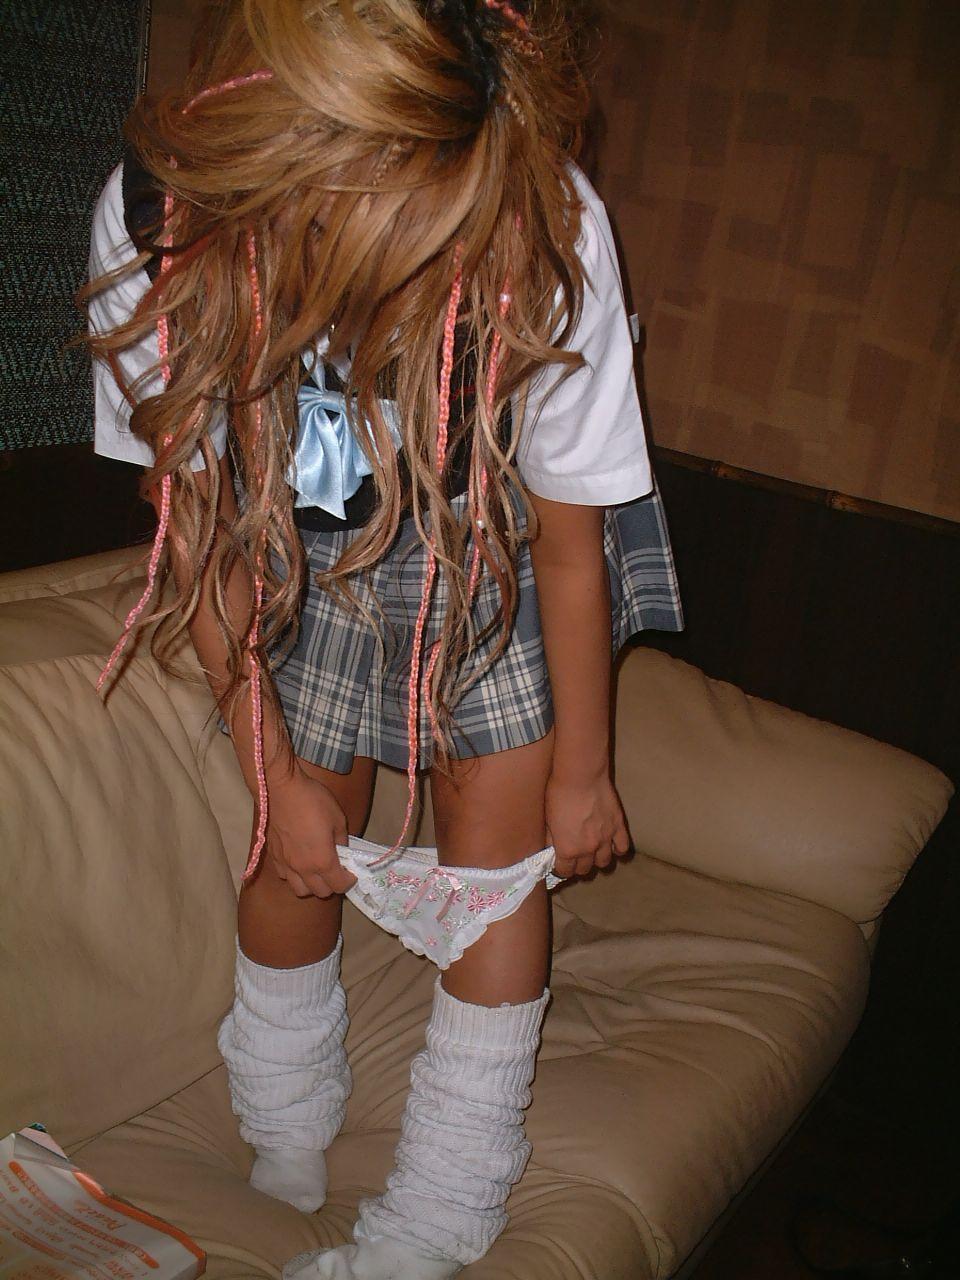 女子校生のエロい下着姿をかわいいお顔つきで楽しみたいっ!:エロ女子画像まとめ 『スグヌク』様